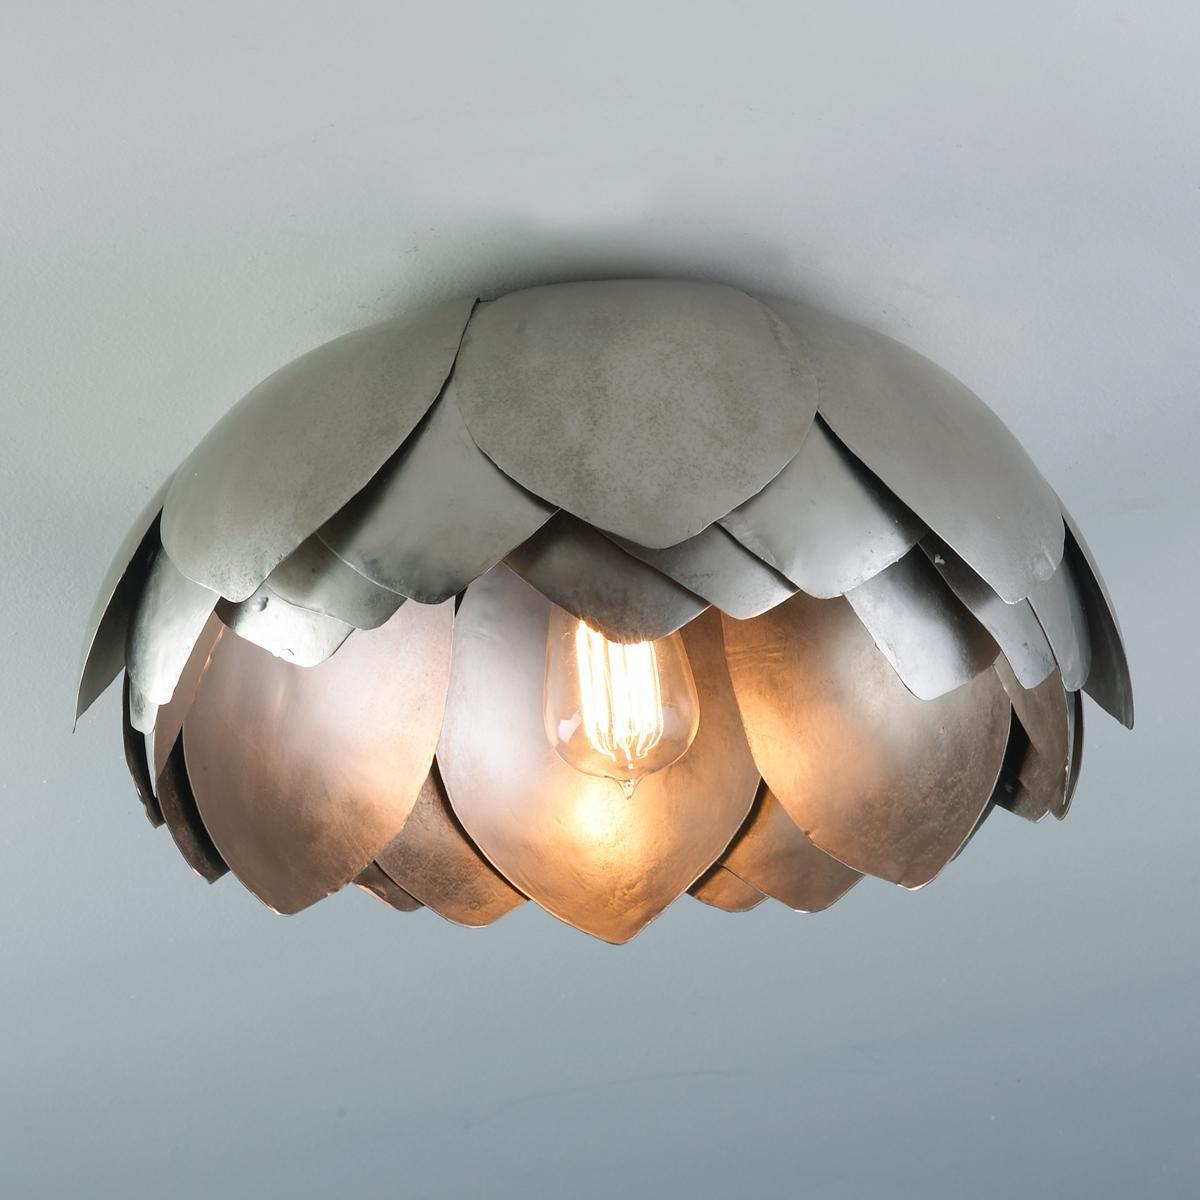 Metal Lotus Flush Mount Ceiling Light